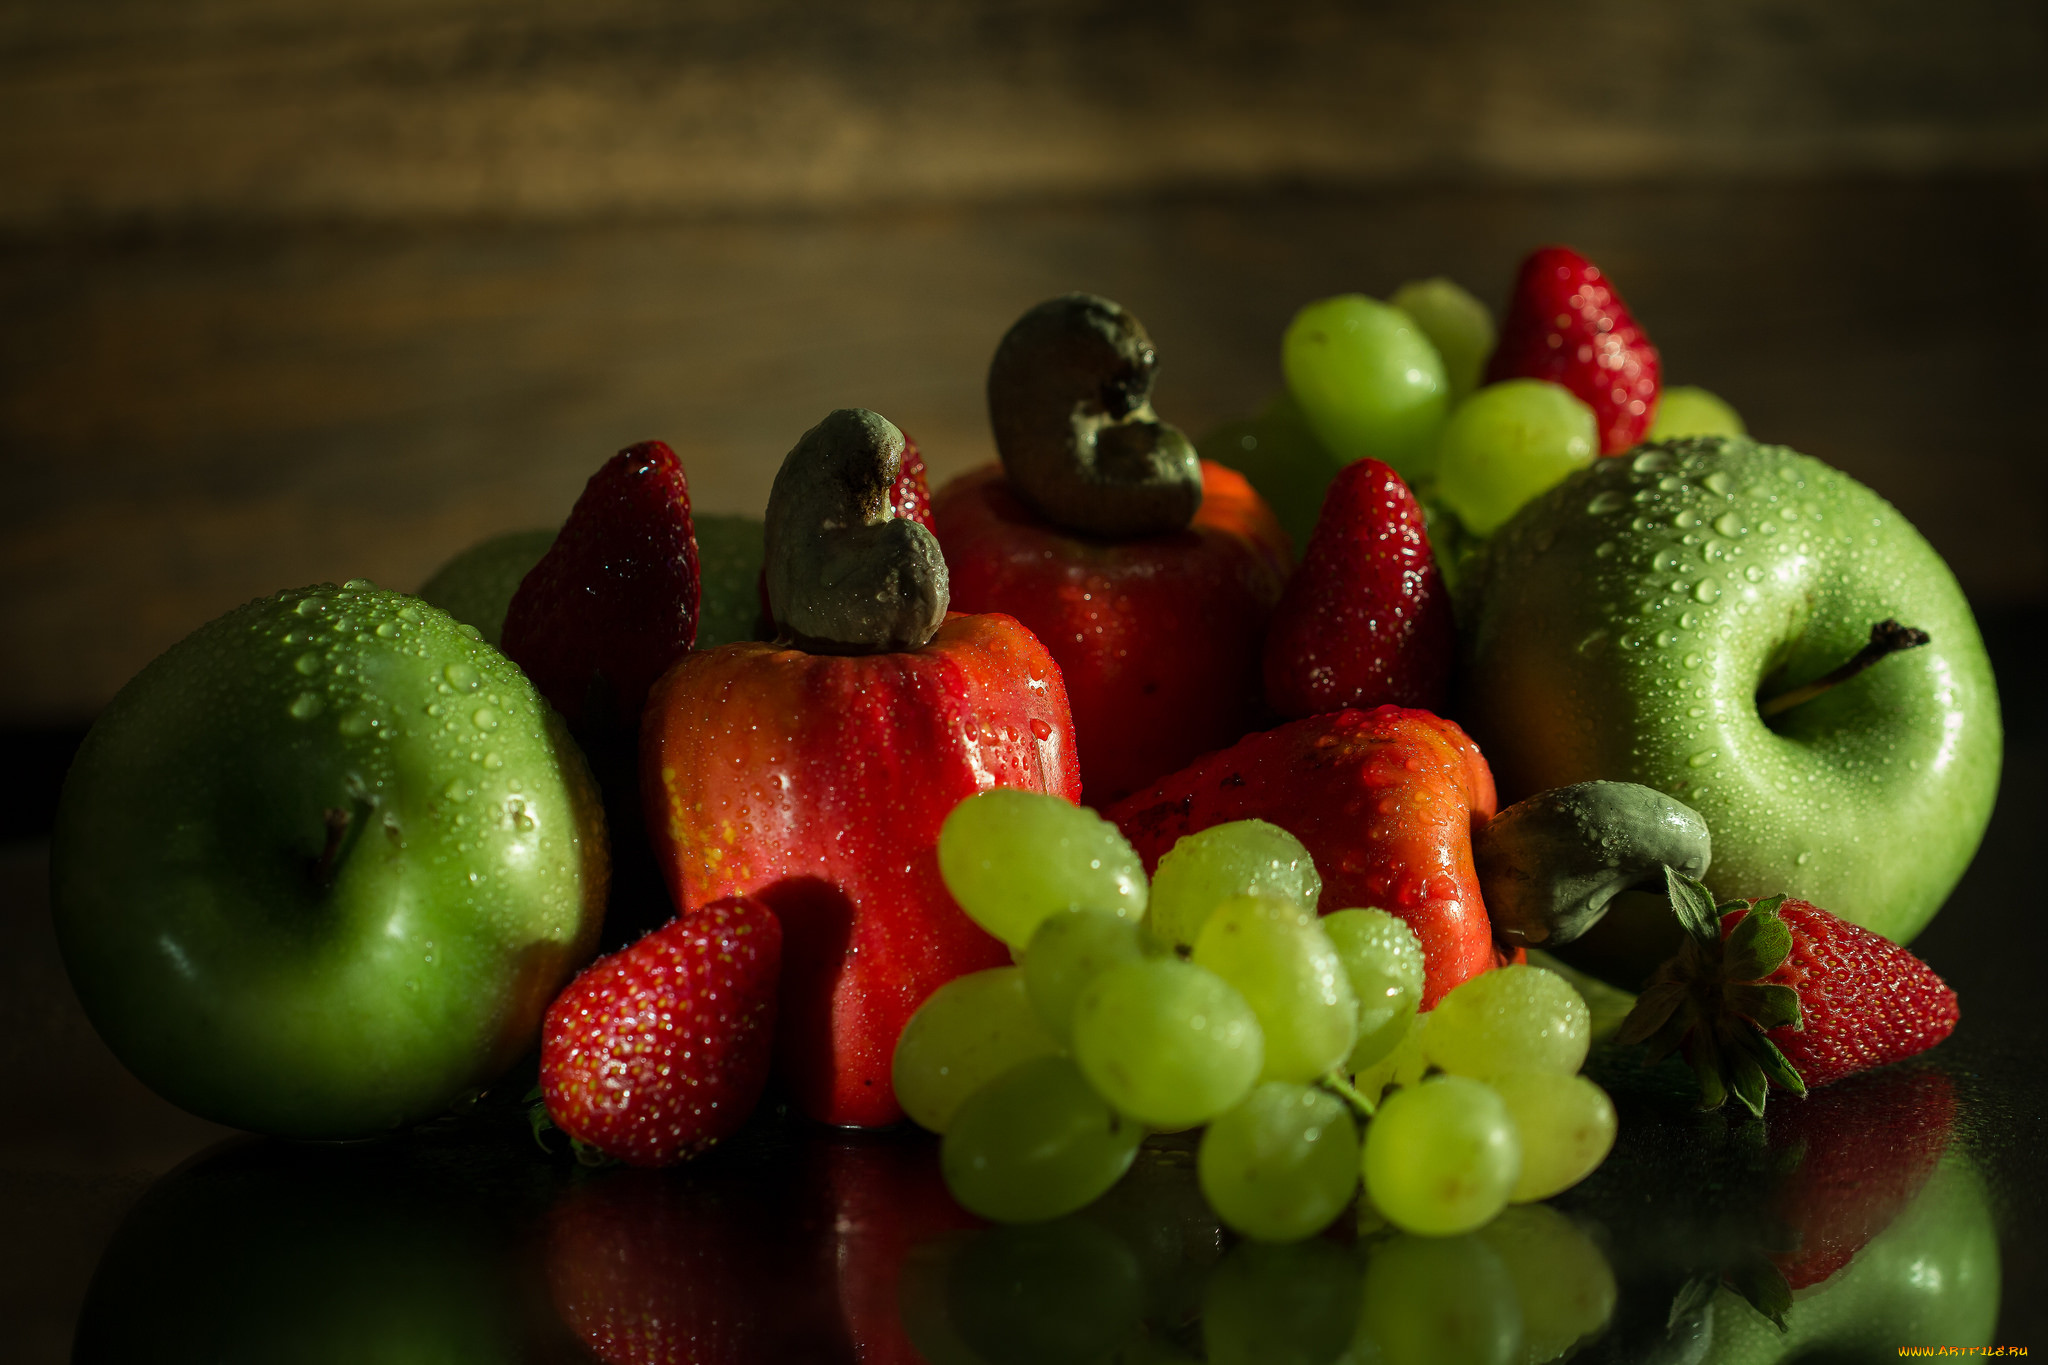 картинки на обои для рабочего стола фрукты подавать